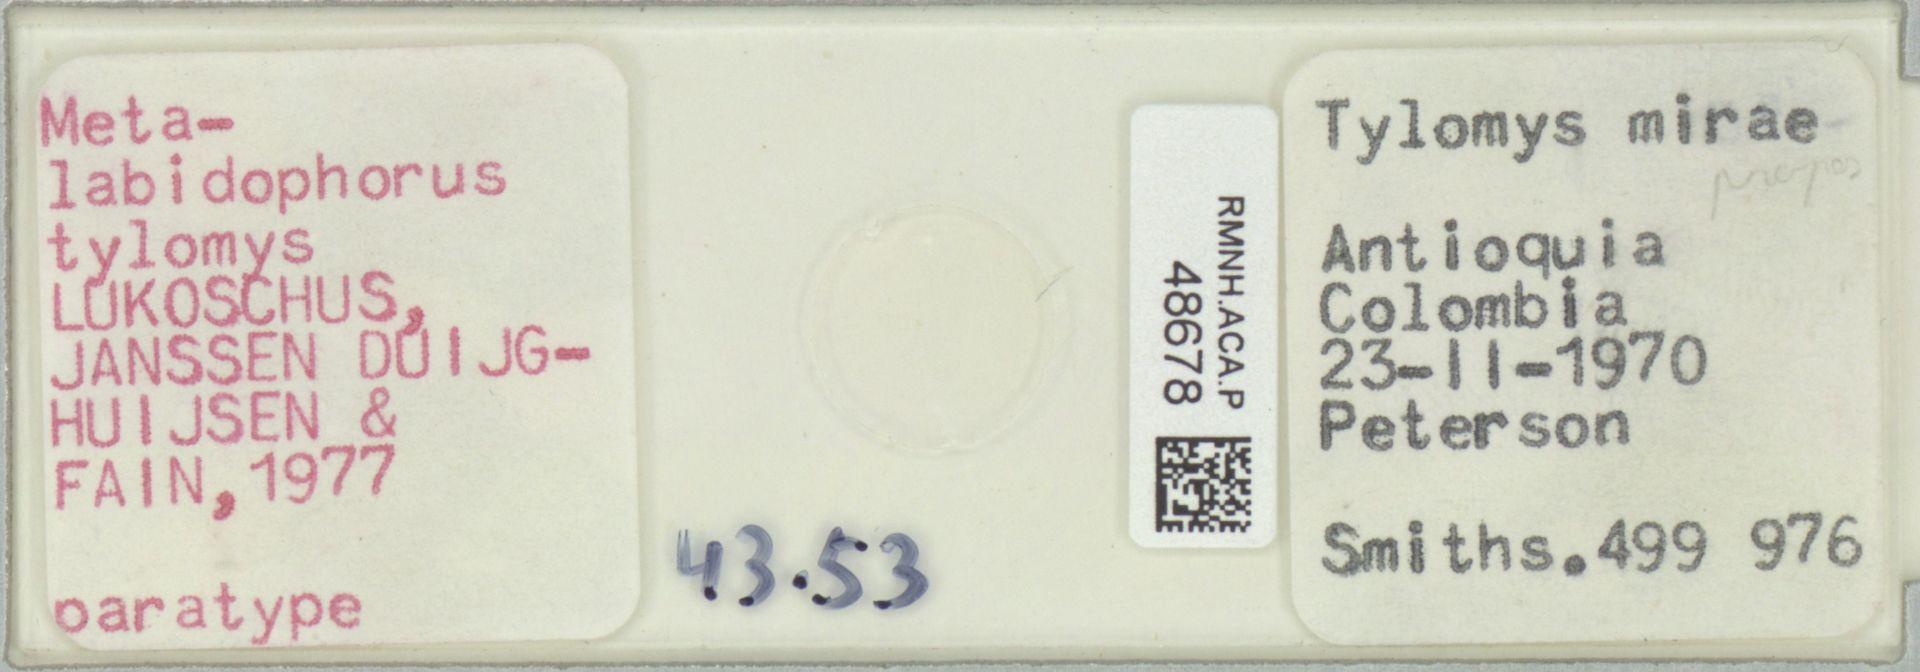 RMNH.ACA.P.48678 | Metalabidophorus tylomys Lukoschus, Janssen Duijghuijsen & Fain, 1977